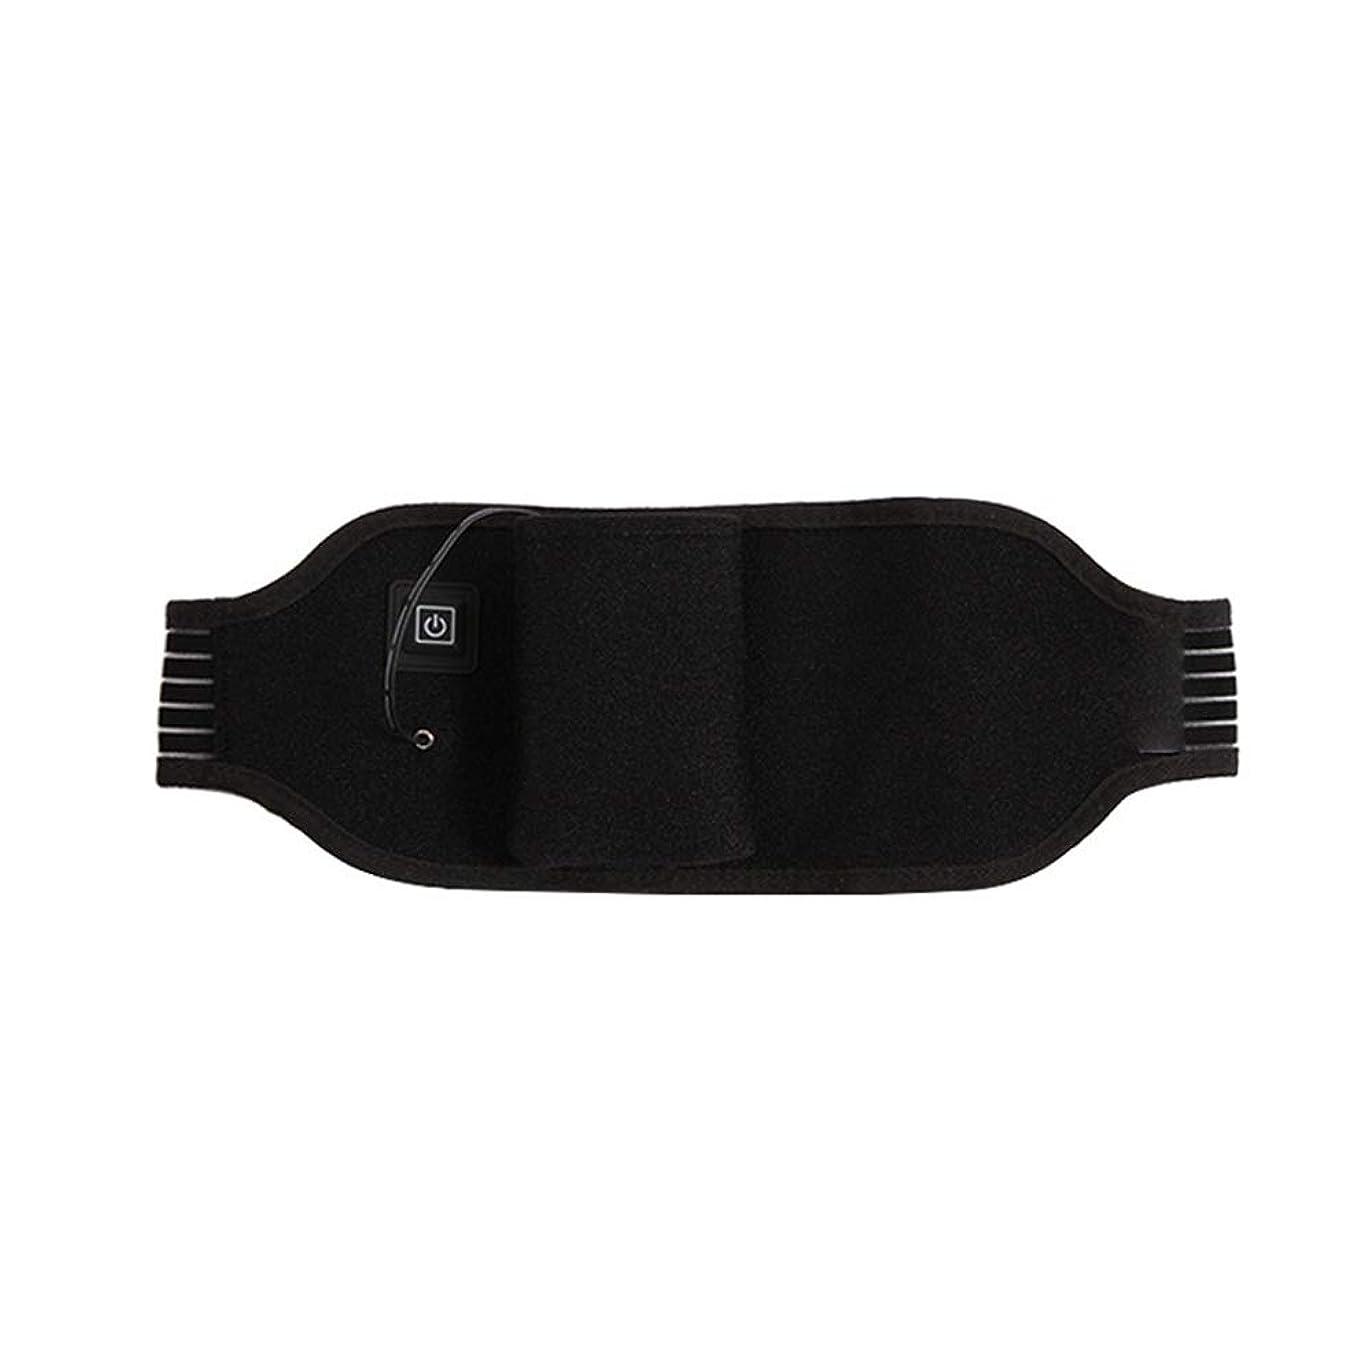 六月細心の独裁ポータブルけいれん月経治療の痛みを軽減するための加熱ウエストベルト温水戻るラップサポート調節可能なブレースラスティング 腰痛保護バンド (色 : ブラック, サイズ : FREE SIZE)